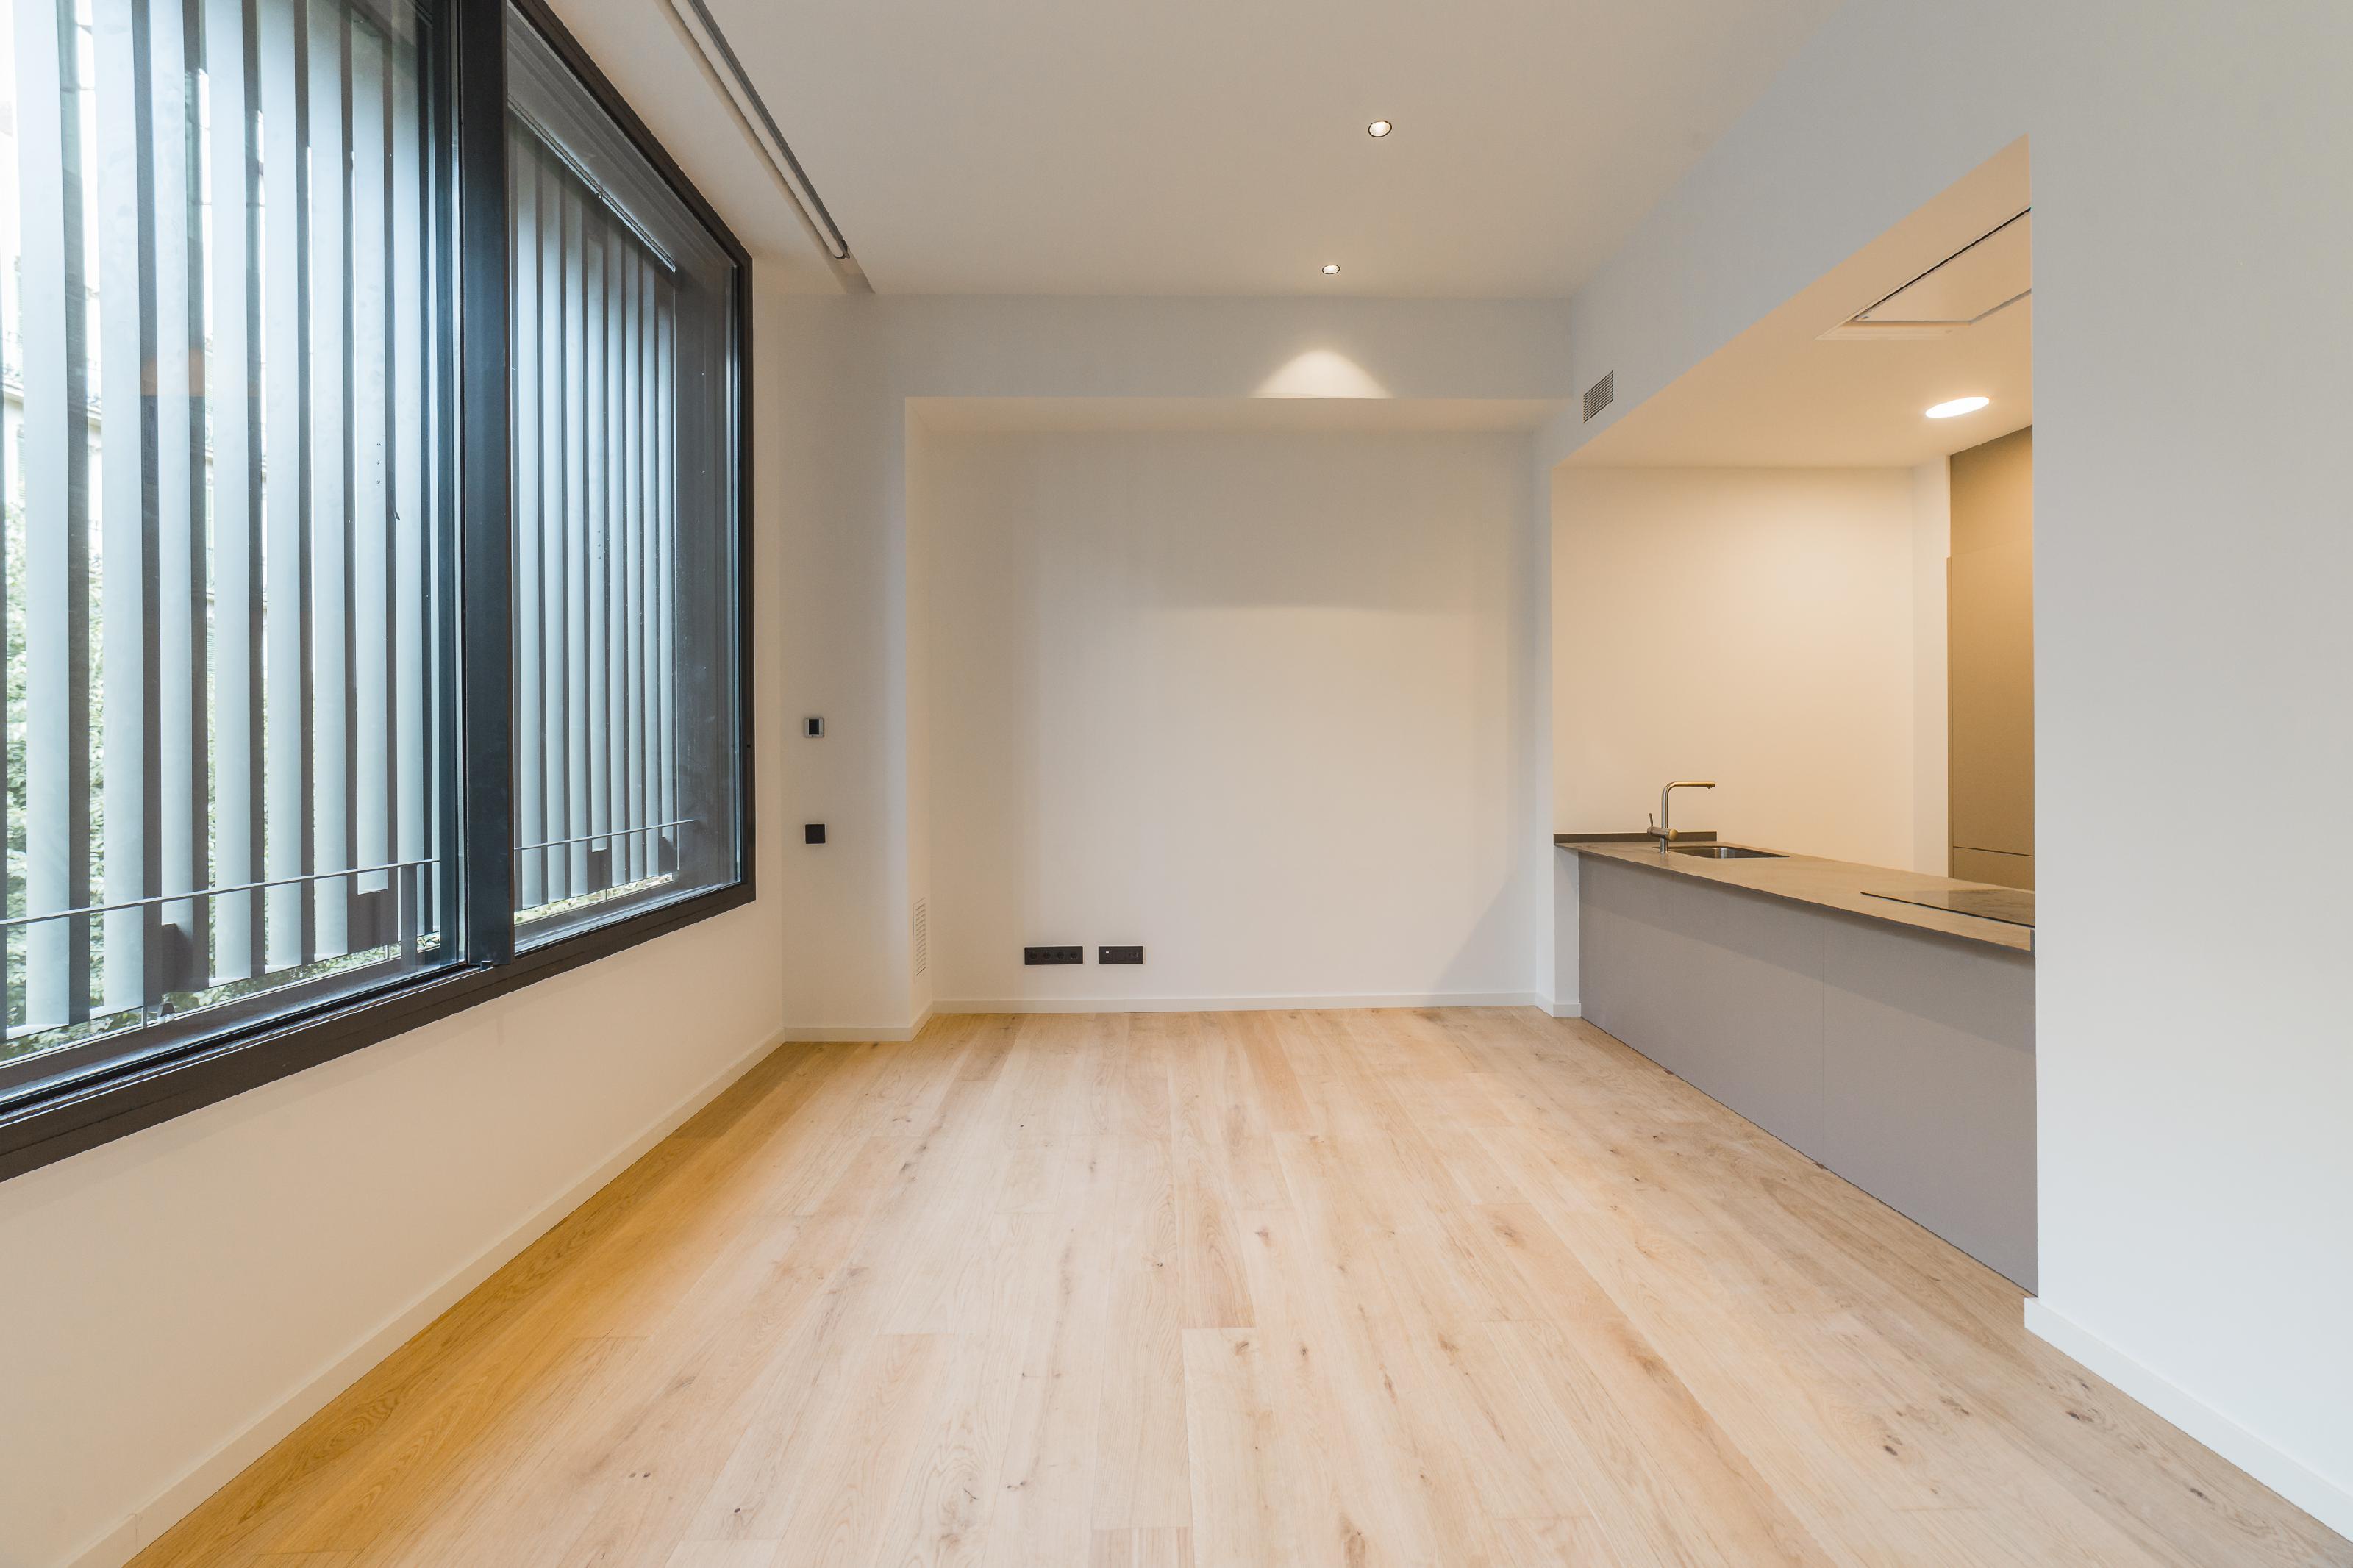 251949 Apartment for sale in Eixample, Antiga Esquerre Eixample 2